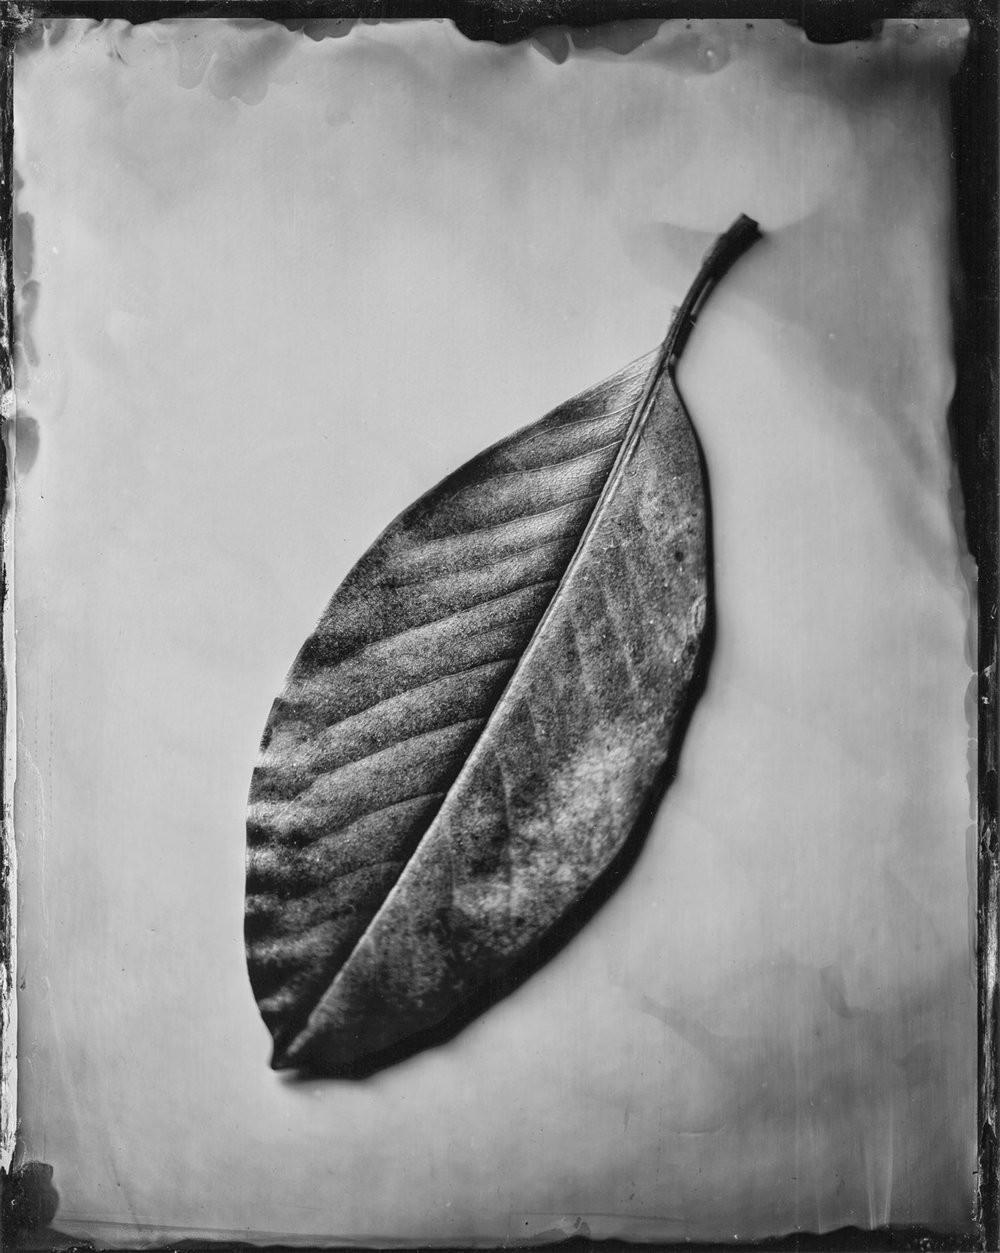 Поощрительная премия, 2019. «Лист магнолии крупноцветковой». Автор Майкл Марано